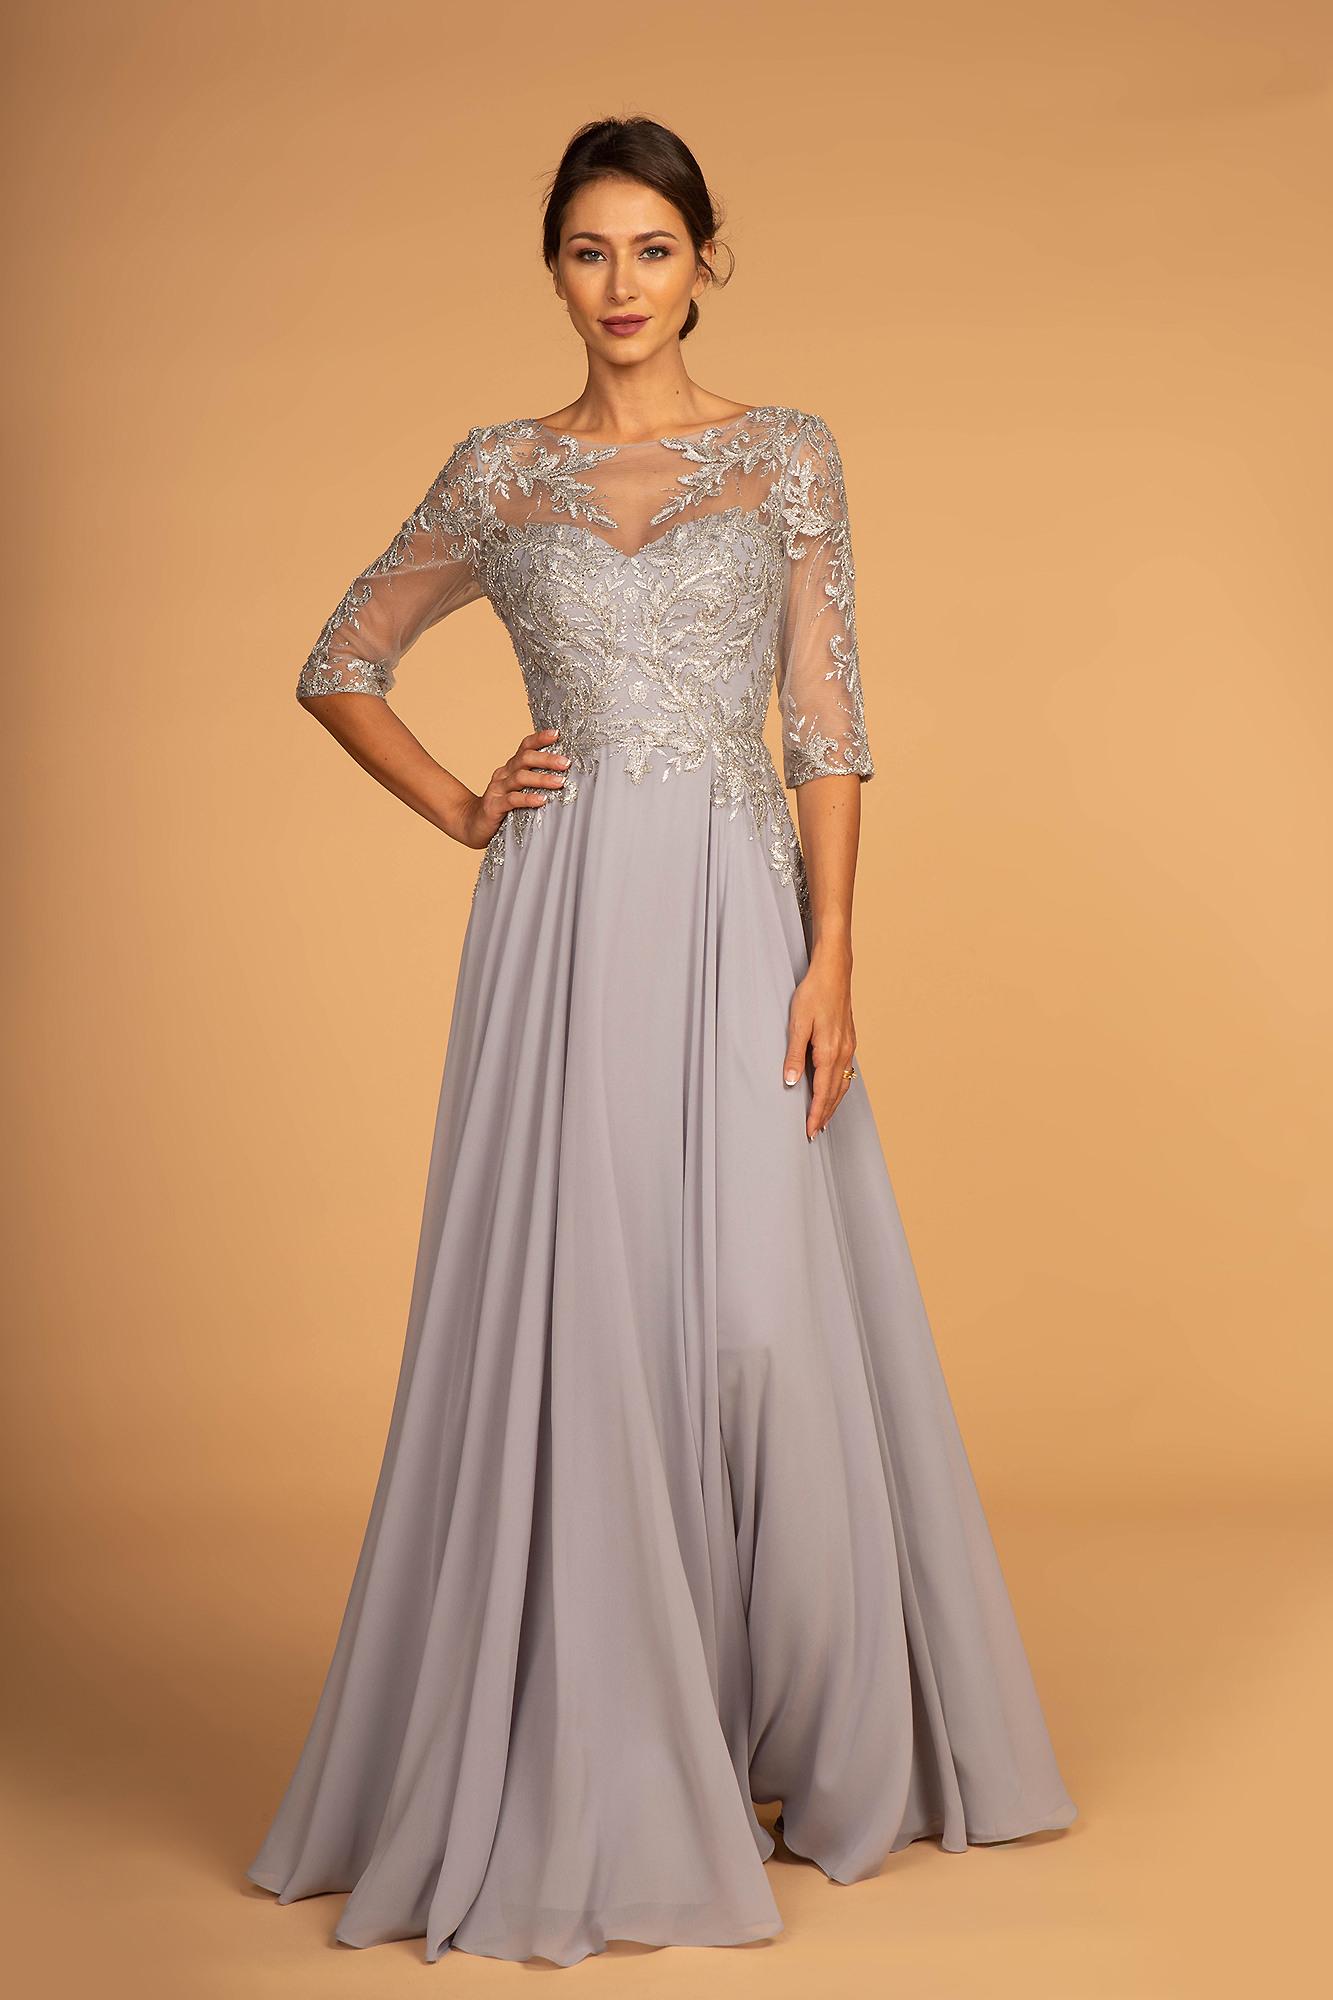 Designer Wunderbar Festliche Kleidung Stylish17 Einfach Festliche Kleidung Ärmel